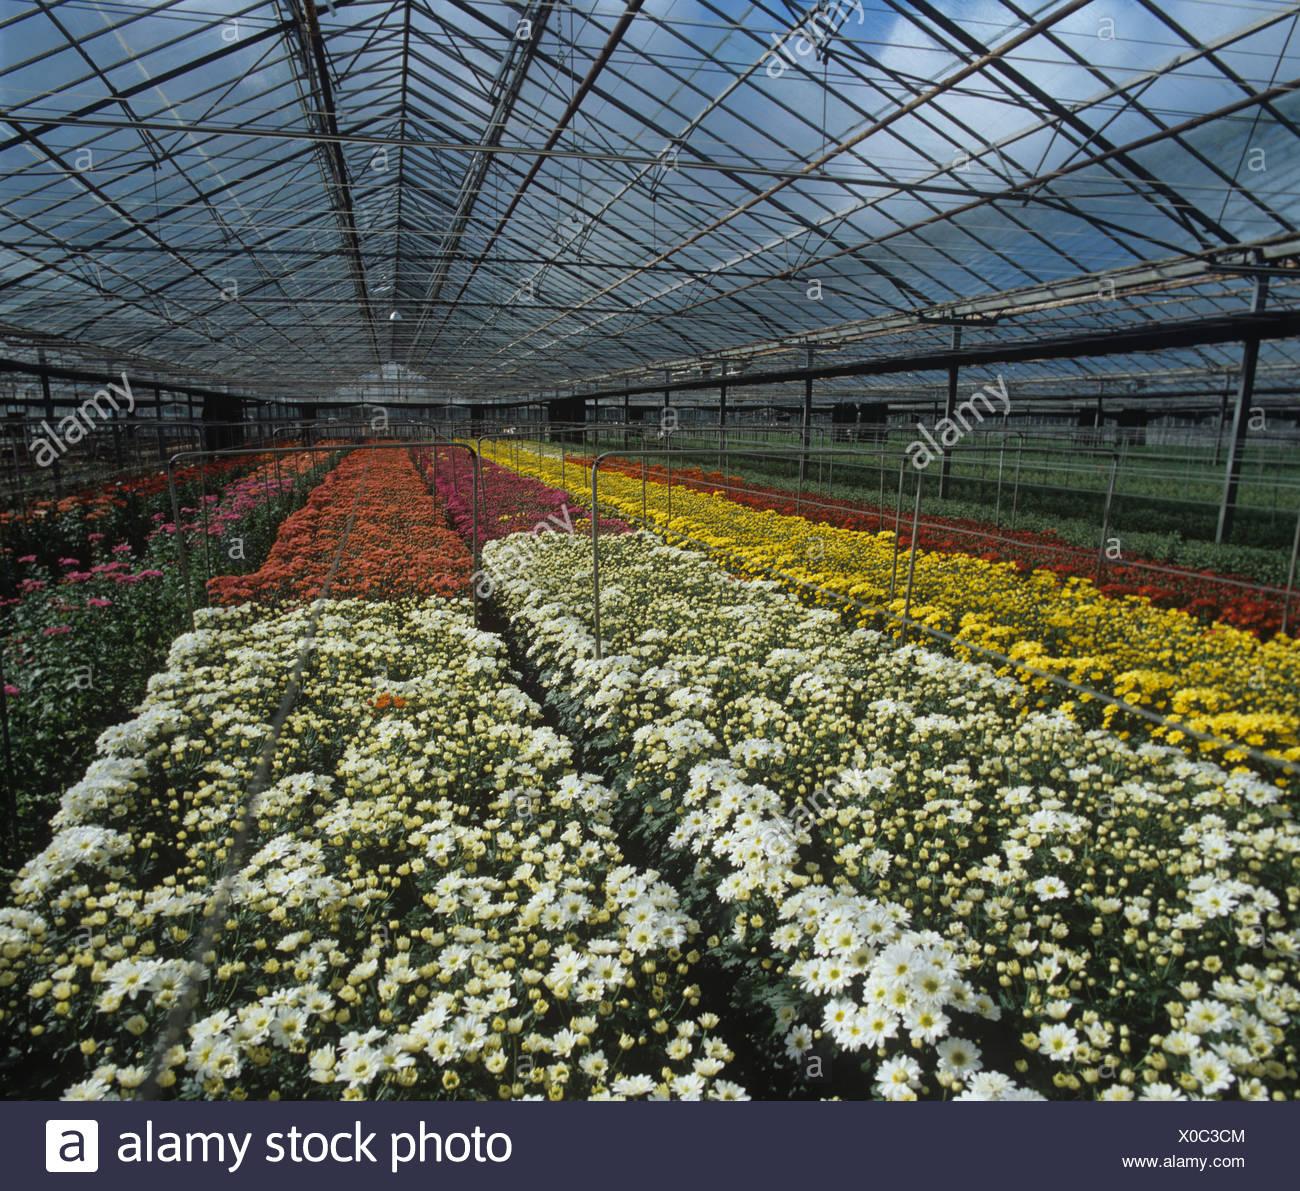 Gran invernadero con flores de pulverización de cultivos de crisantemo, arenoso, Bedfordshire Imagen De Stock